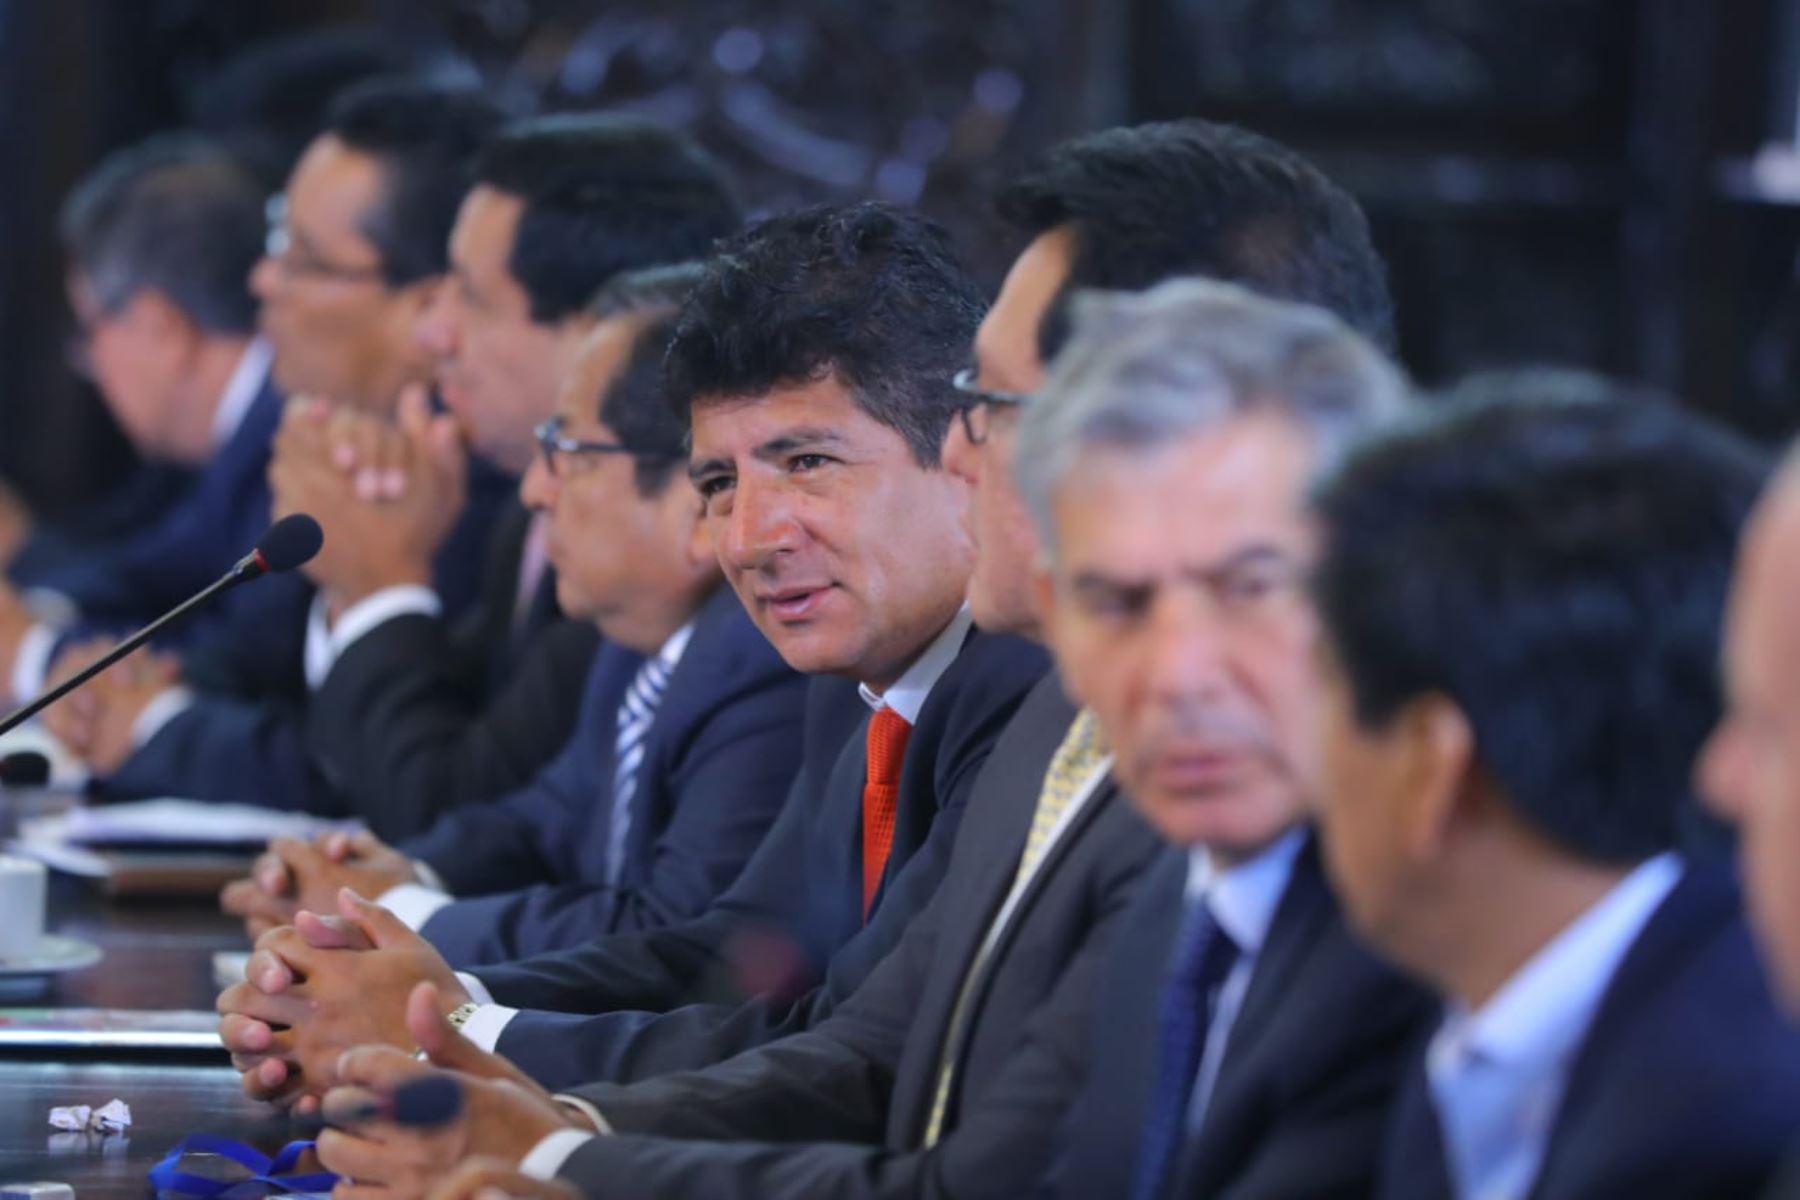 Reunión extraordinaria del Gore-Ejecutivo, espacio de articulación entre autoridades del Poder Ejecutivo y los gobernadores regionales. Foto: ANDINA/Prensa Presidencia.